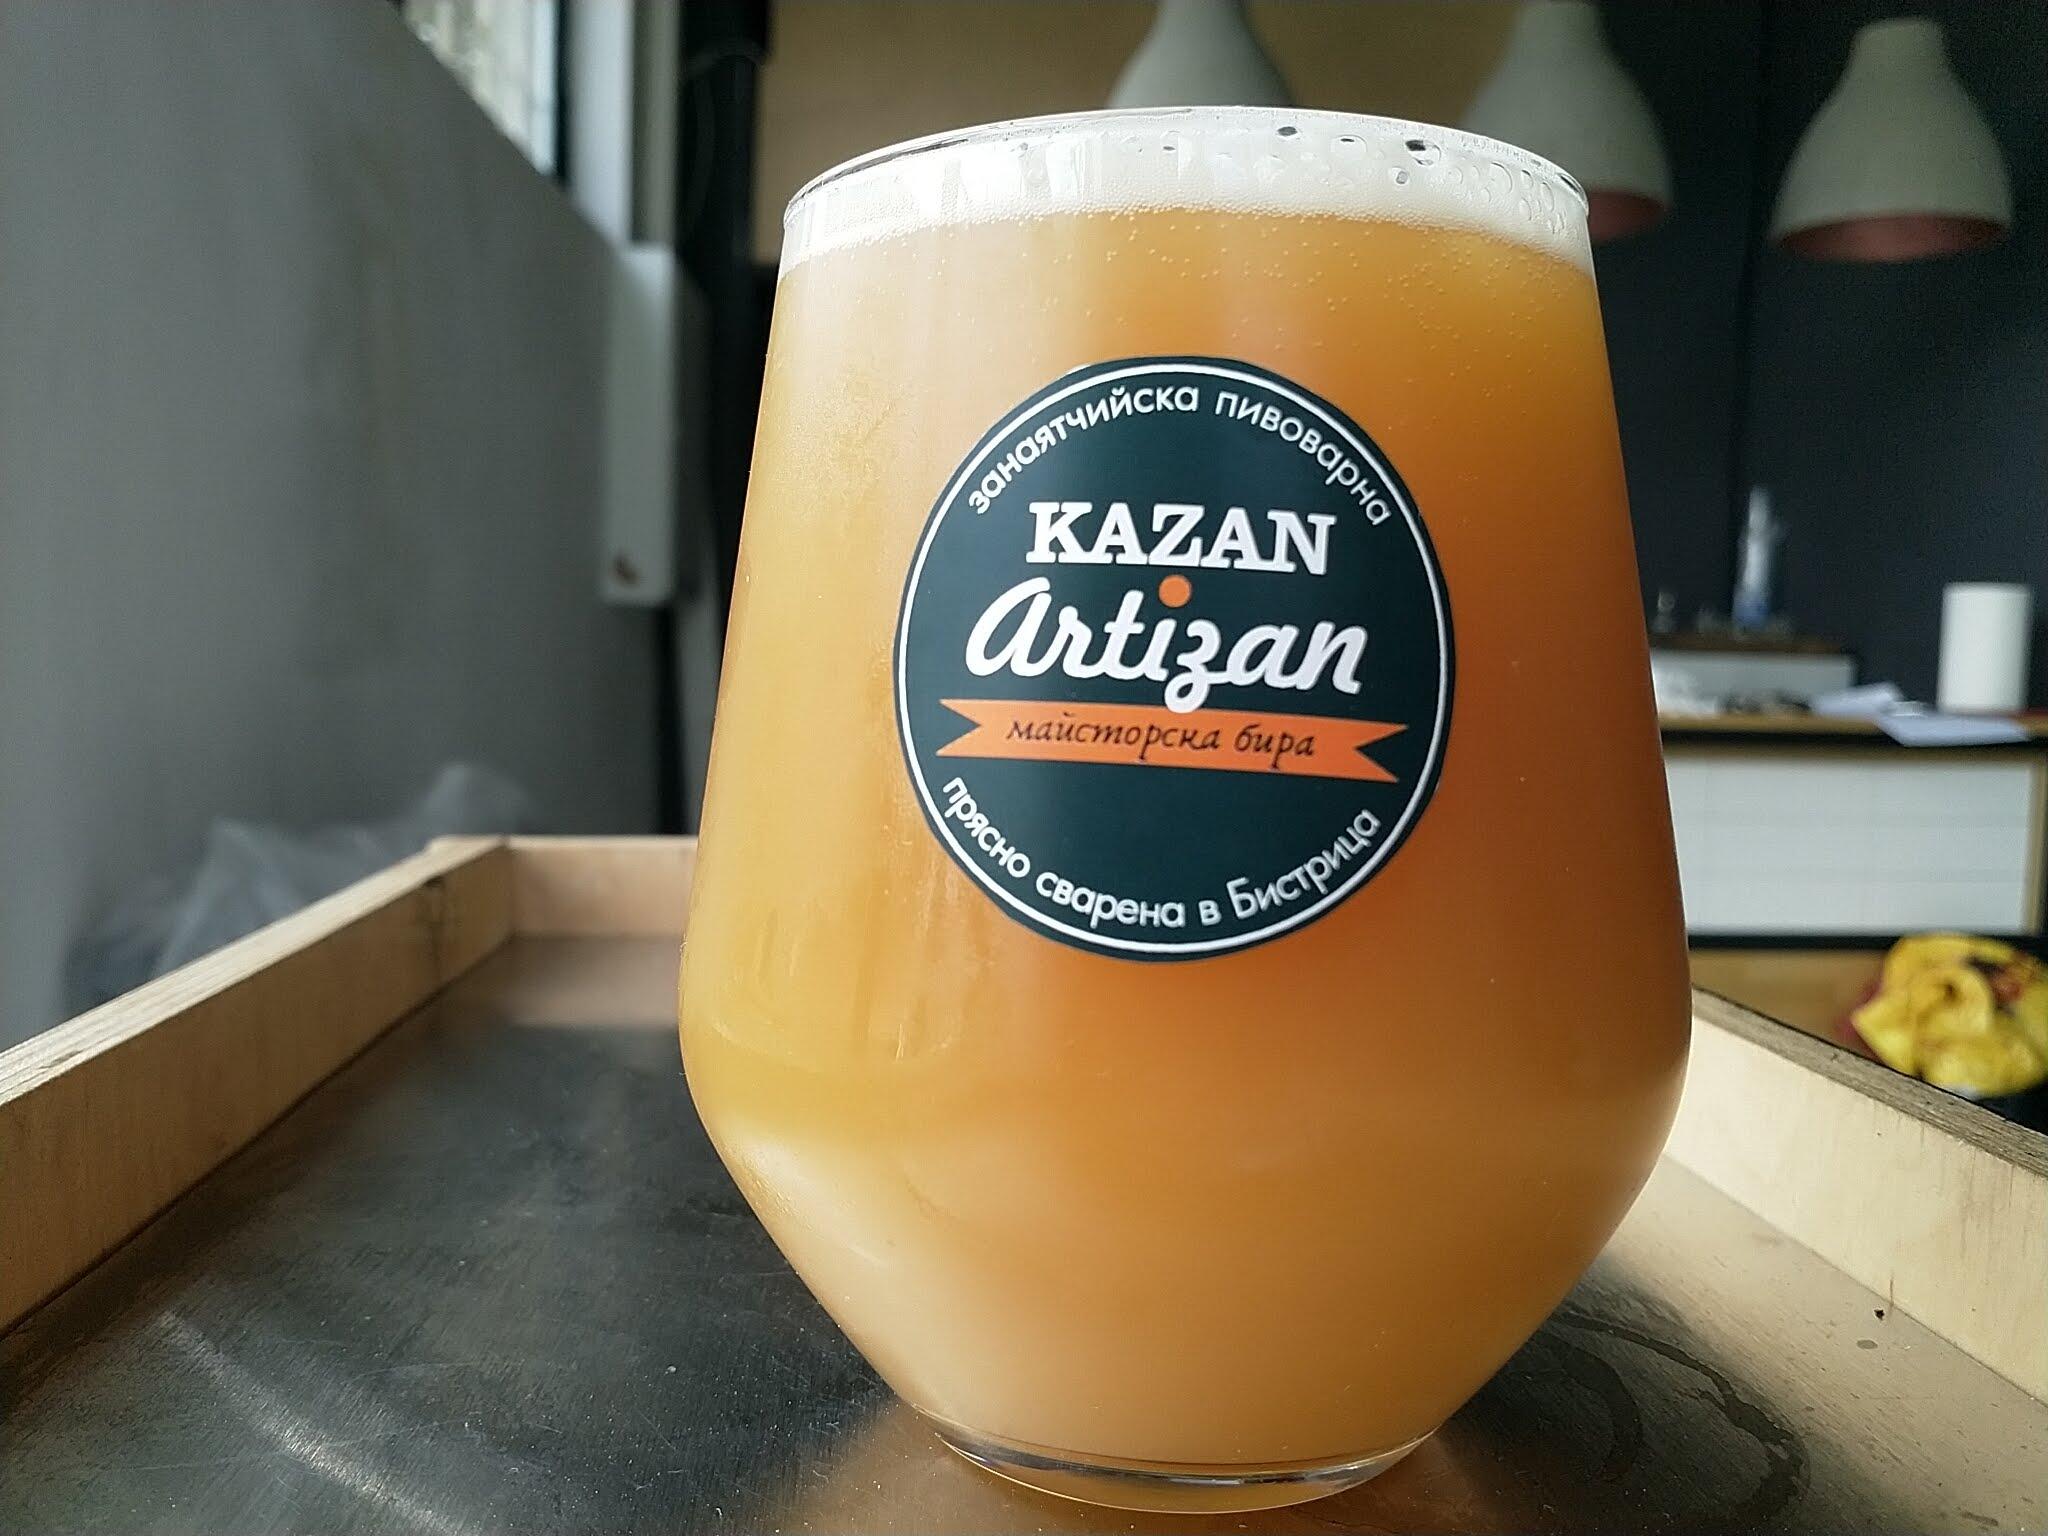 Kazan Artizan – новото крафт бирено удоволствие